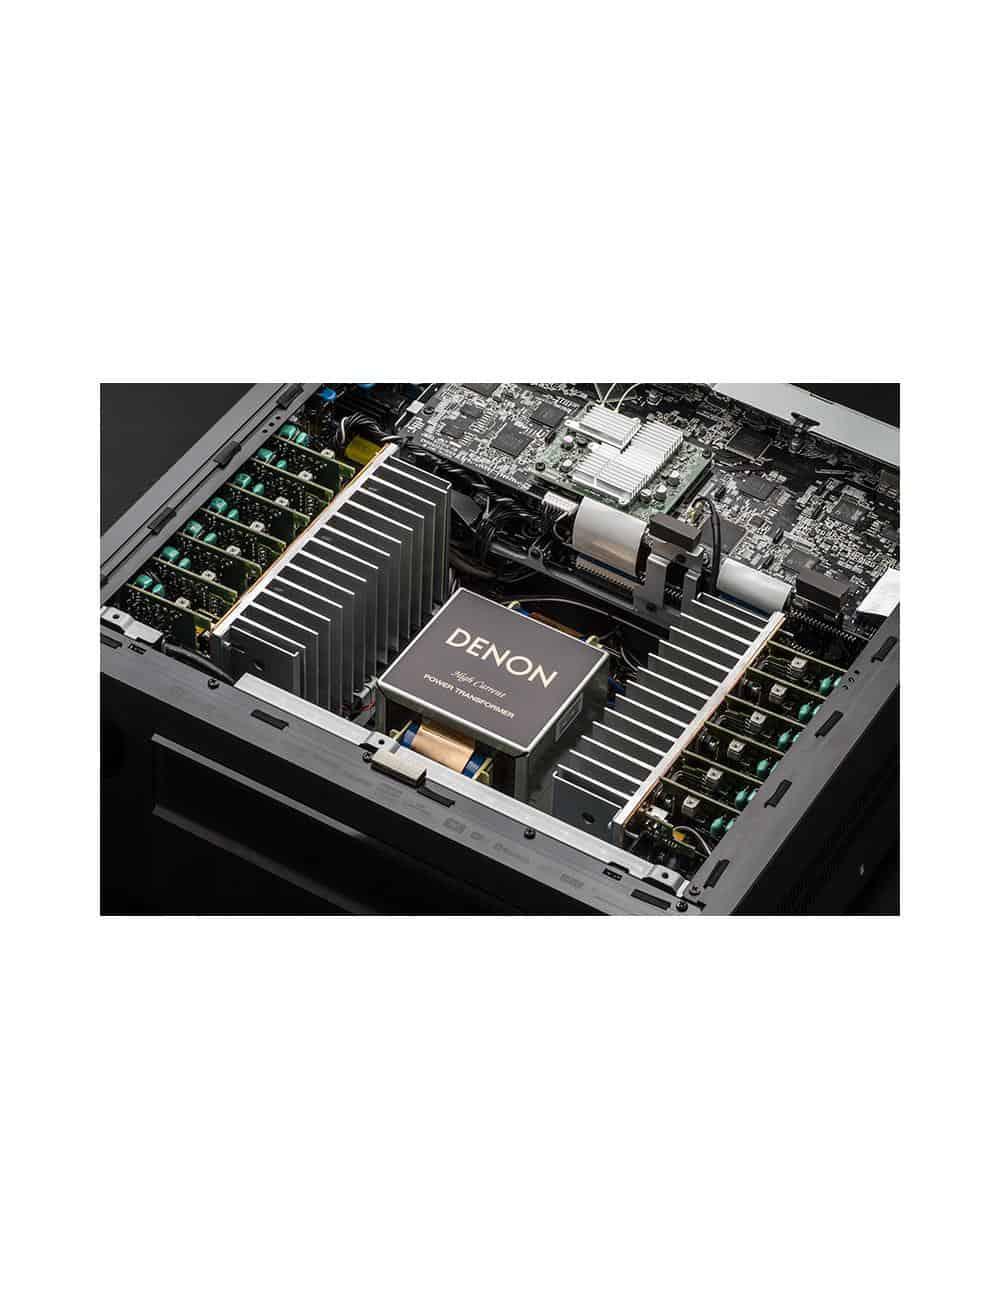 Amplificatore AV 13.2 canali 4K Ultra HD con Audio 3D e HEOS, Denon AVC-X8500H, vista interno alimentatore